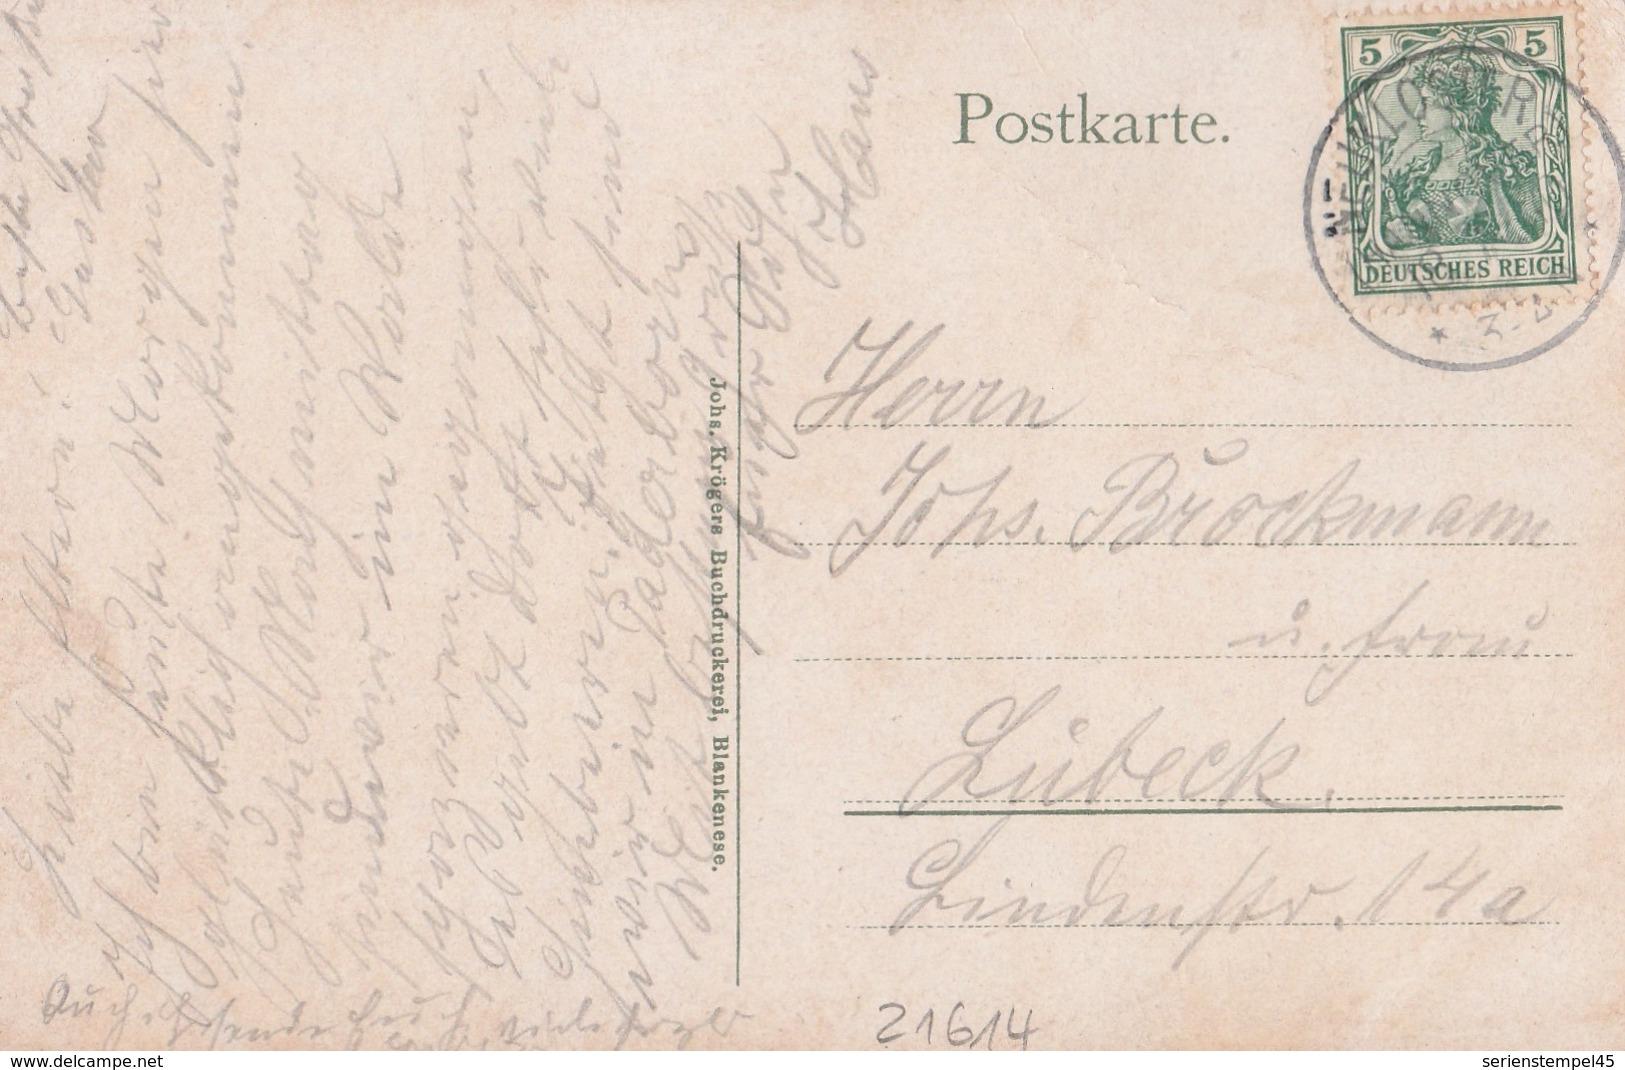 Deutsches Reich Karte Mit Tagesstempel Neukloster Hannover 1910 KOS Stempel Kurhotel Paterborn Neukoster - Germany